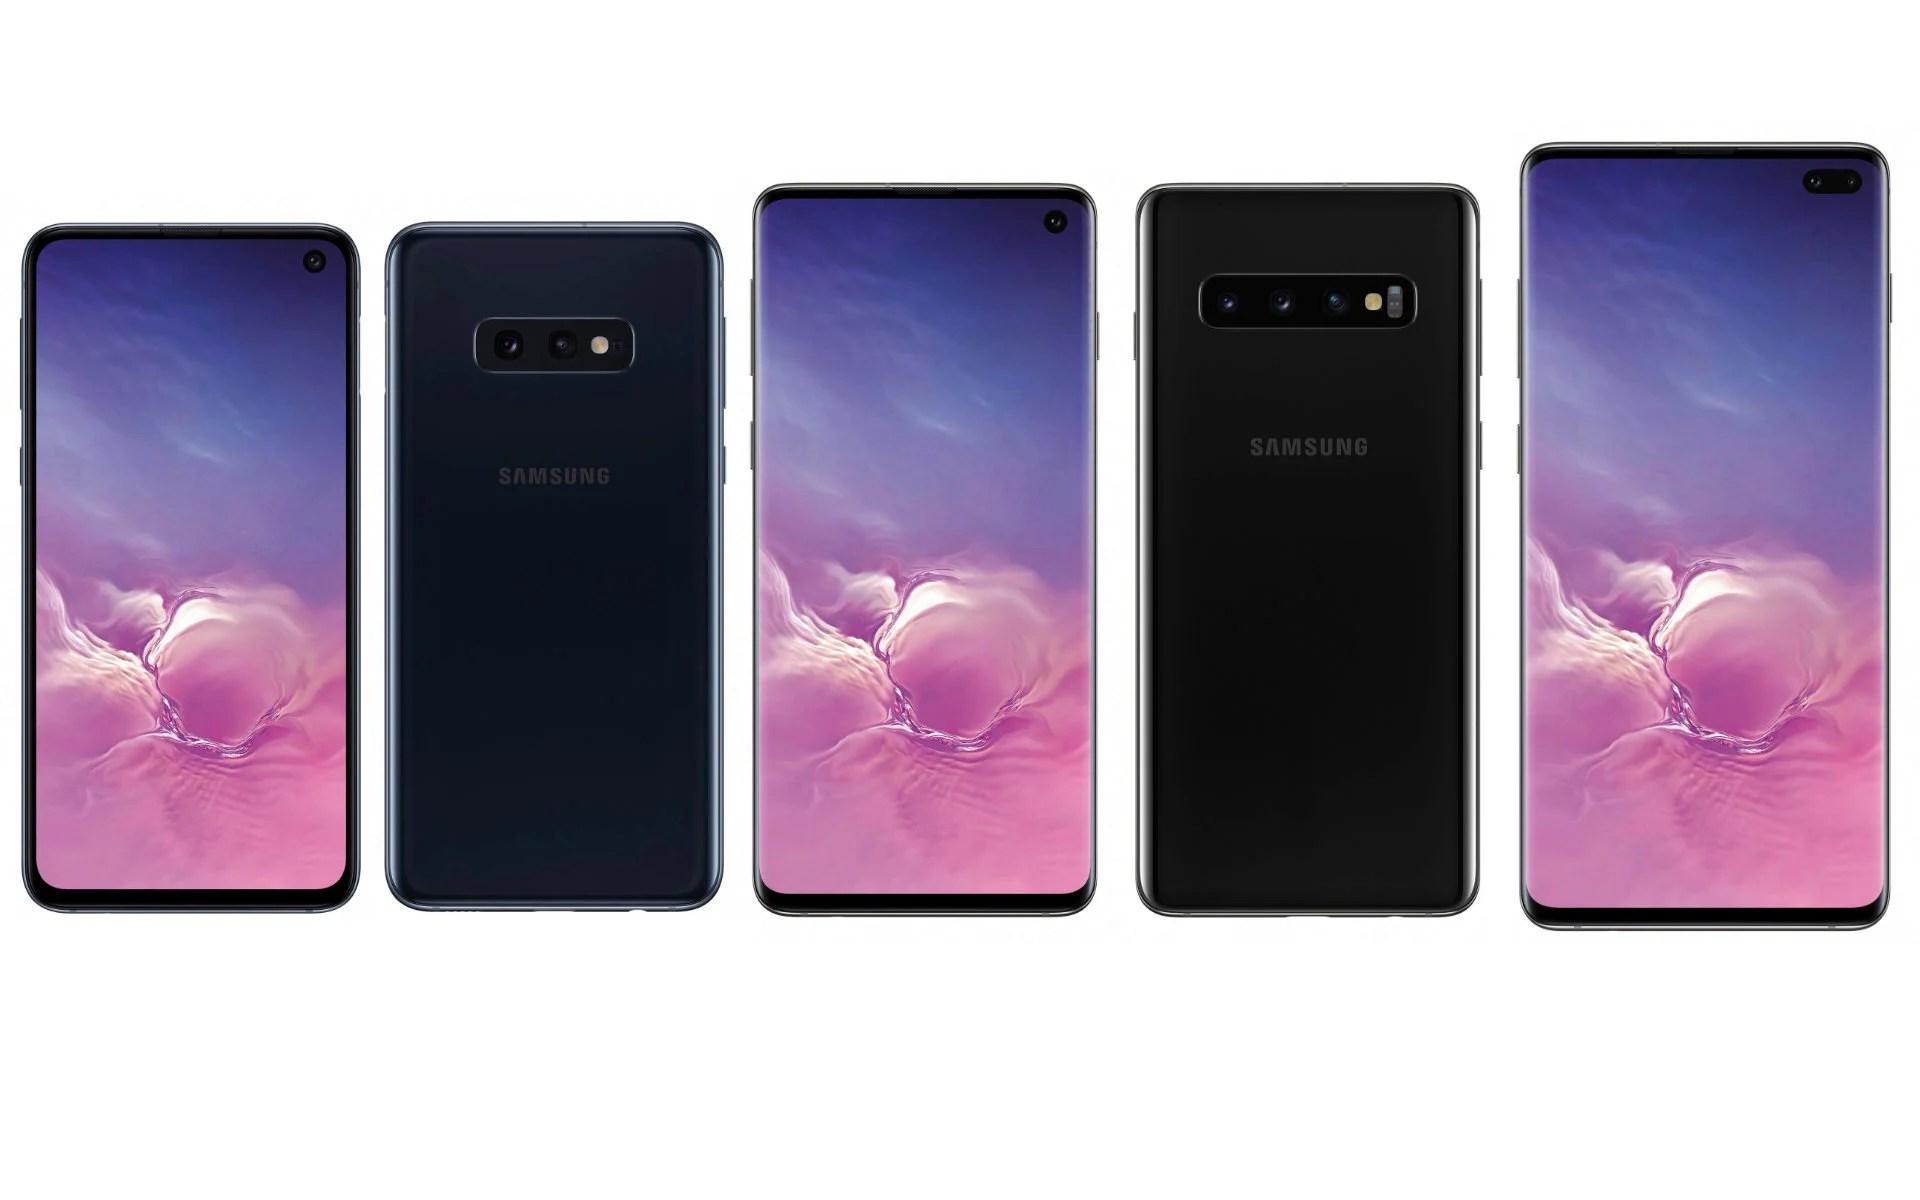 Samsung Galaxy S10, S10e, S10 Plus : Boulanger dévoile prix en France, date de sortie, accessoires et offre de lancement